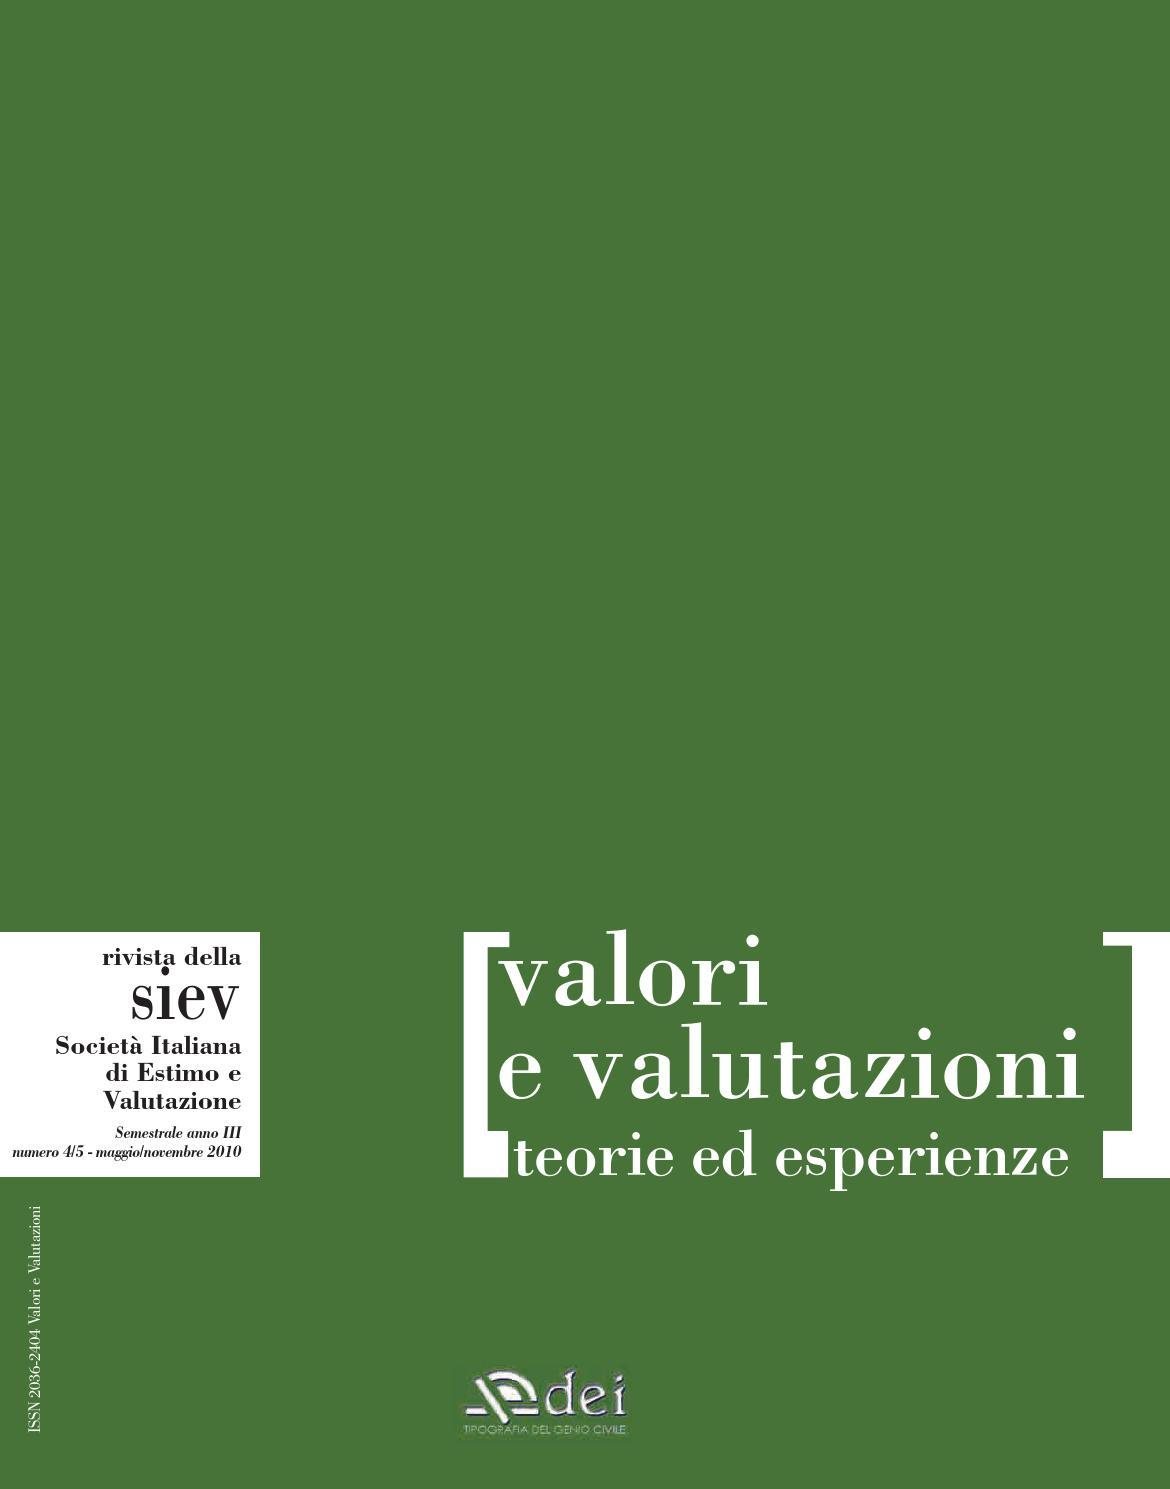 Rivista siev n 4 5 2010 by dei tipografia del genio civile for Mega planimetrie delle dimore